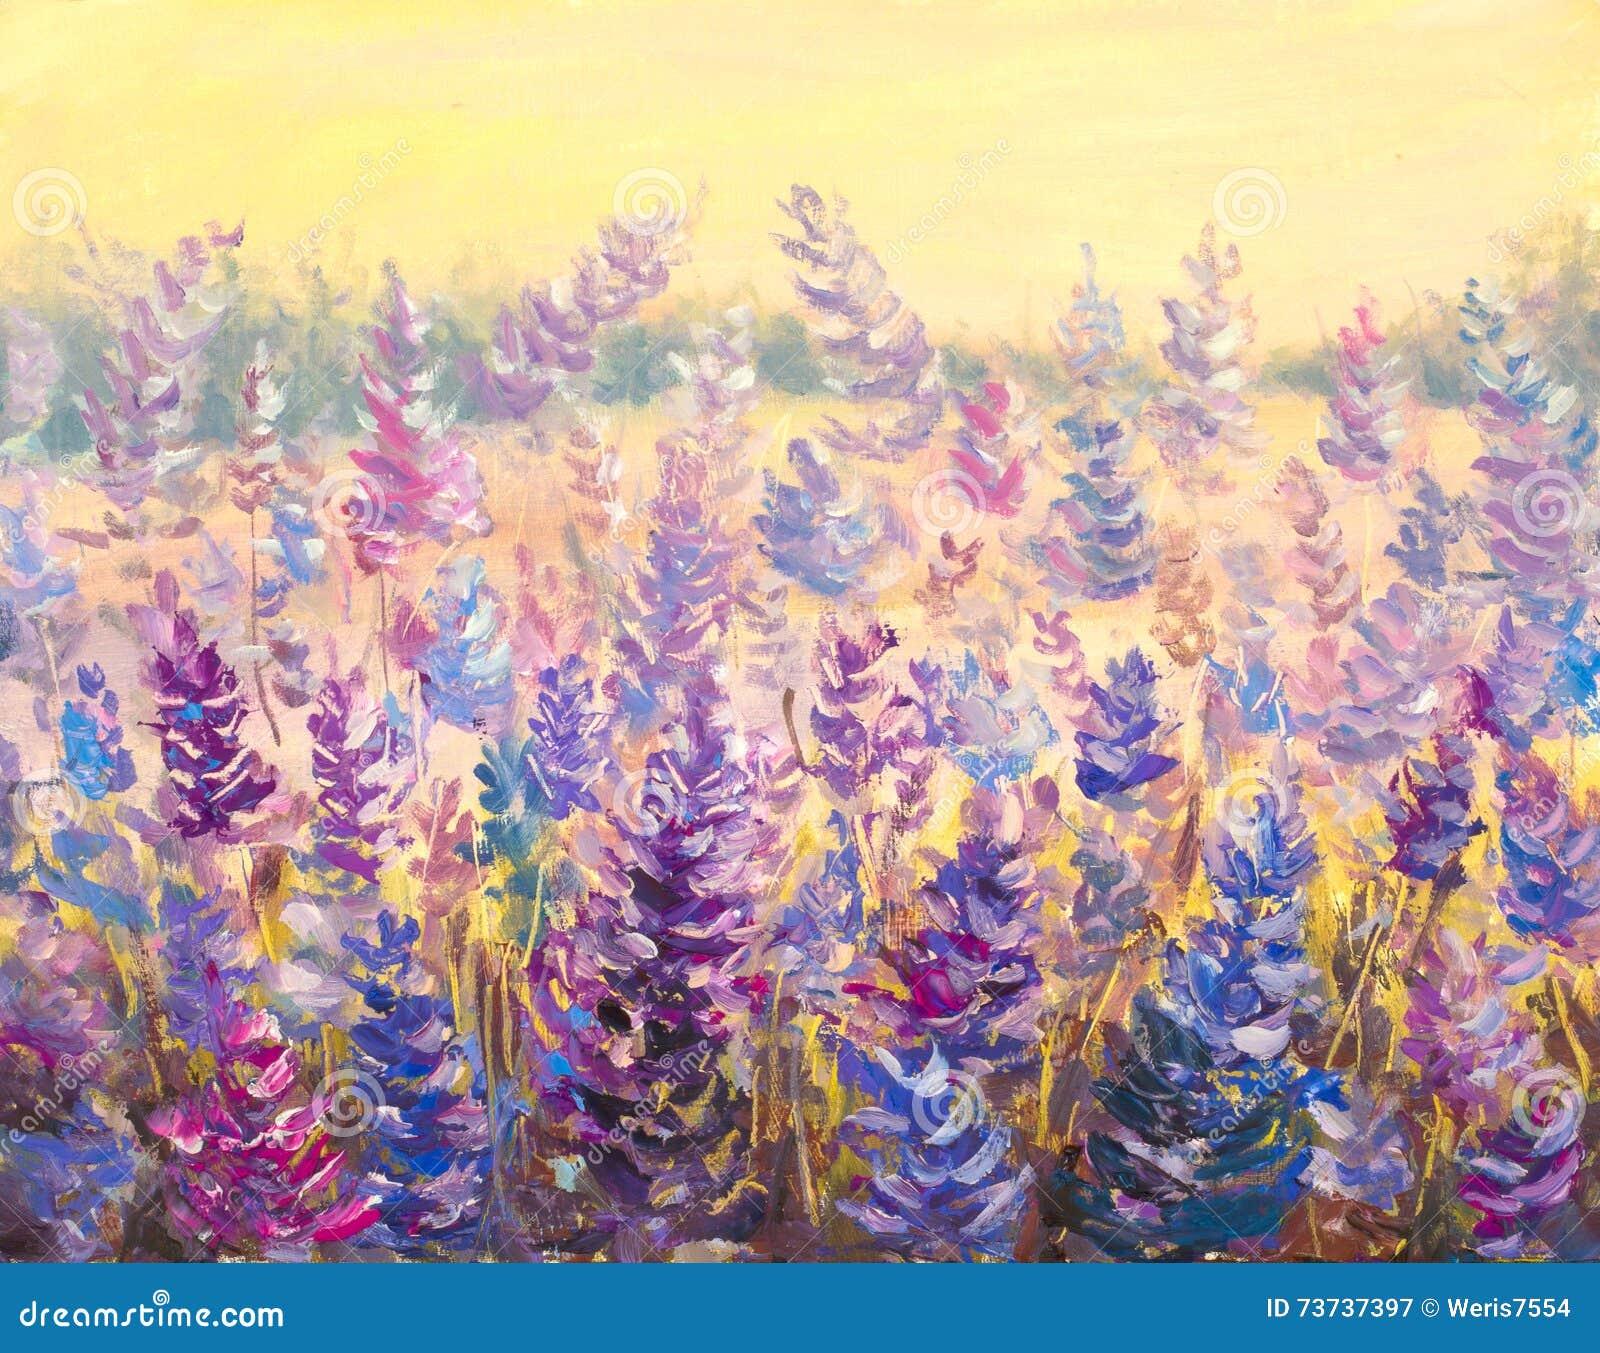 Field Of Delicate Flowers Lavender Blue Purple In Summer Painting Artwork